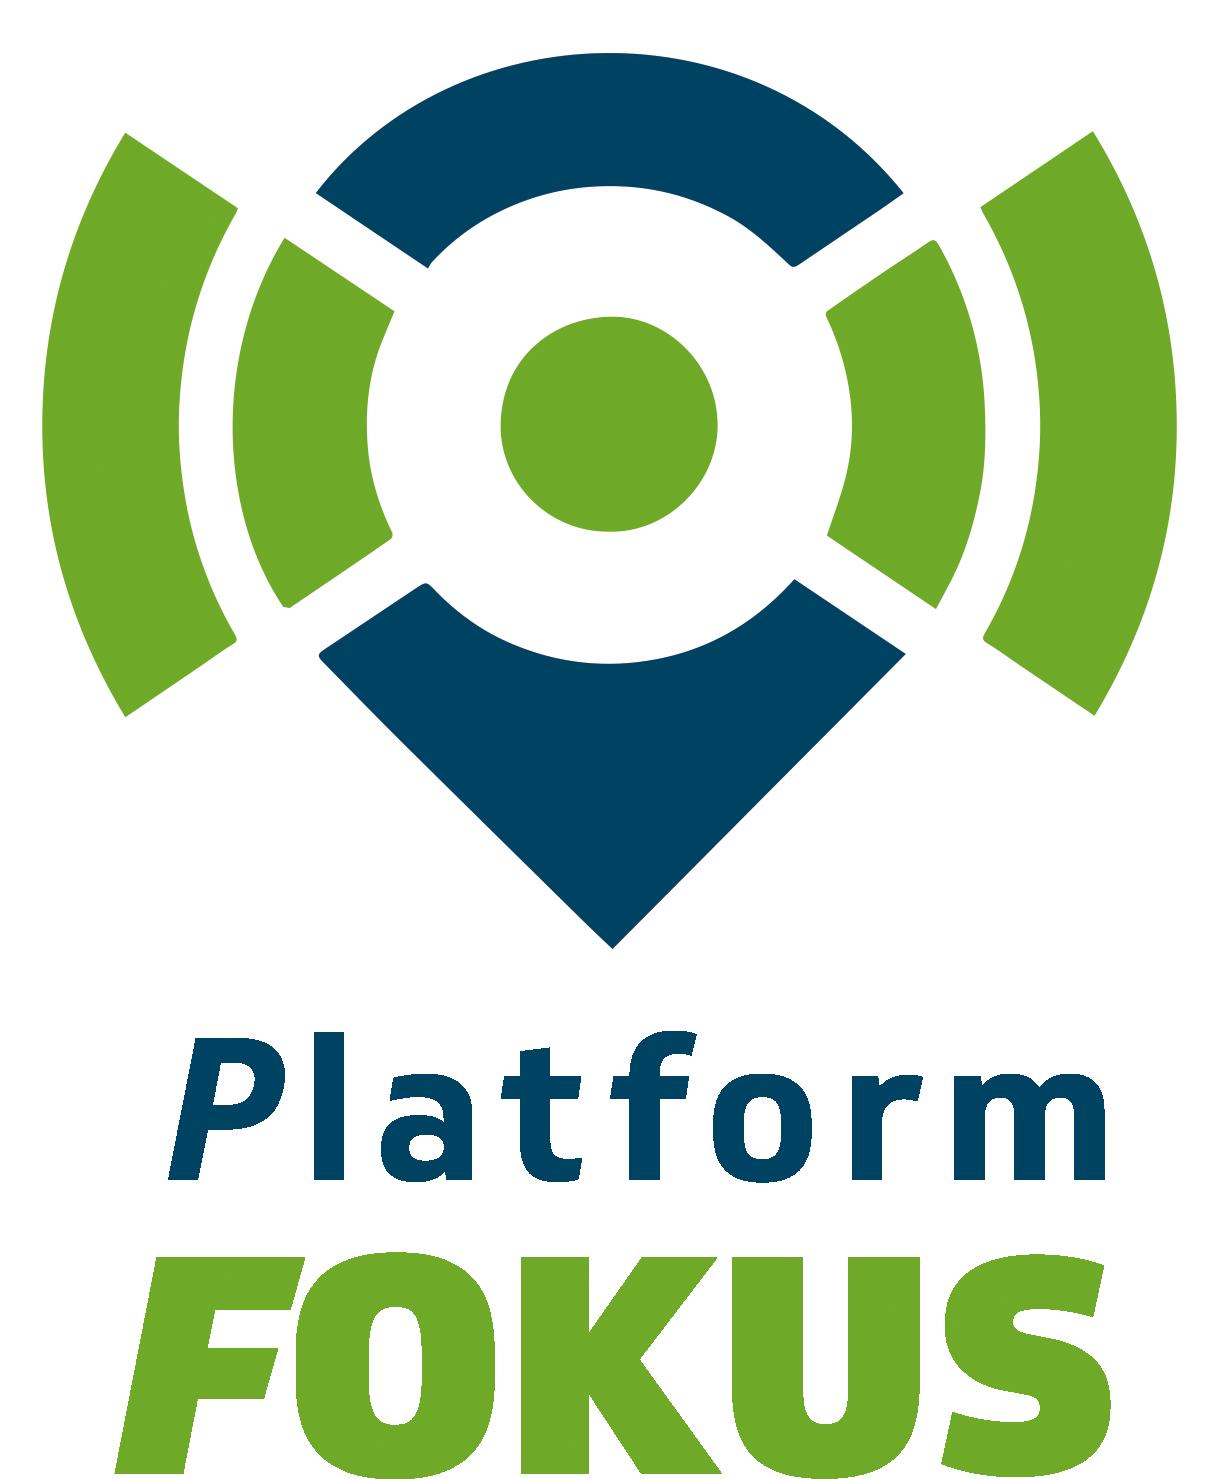 Platform Fokus is een nieuwsplatform waarin belangen van bewoners centraal staan